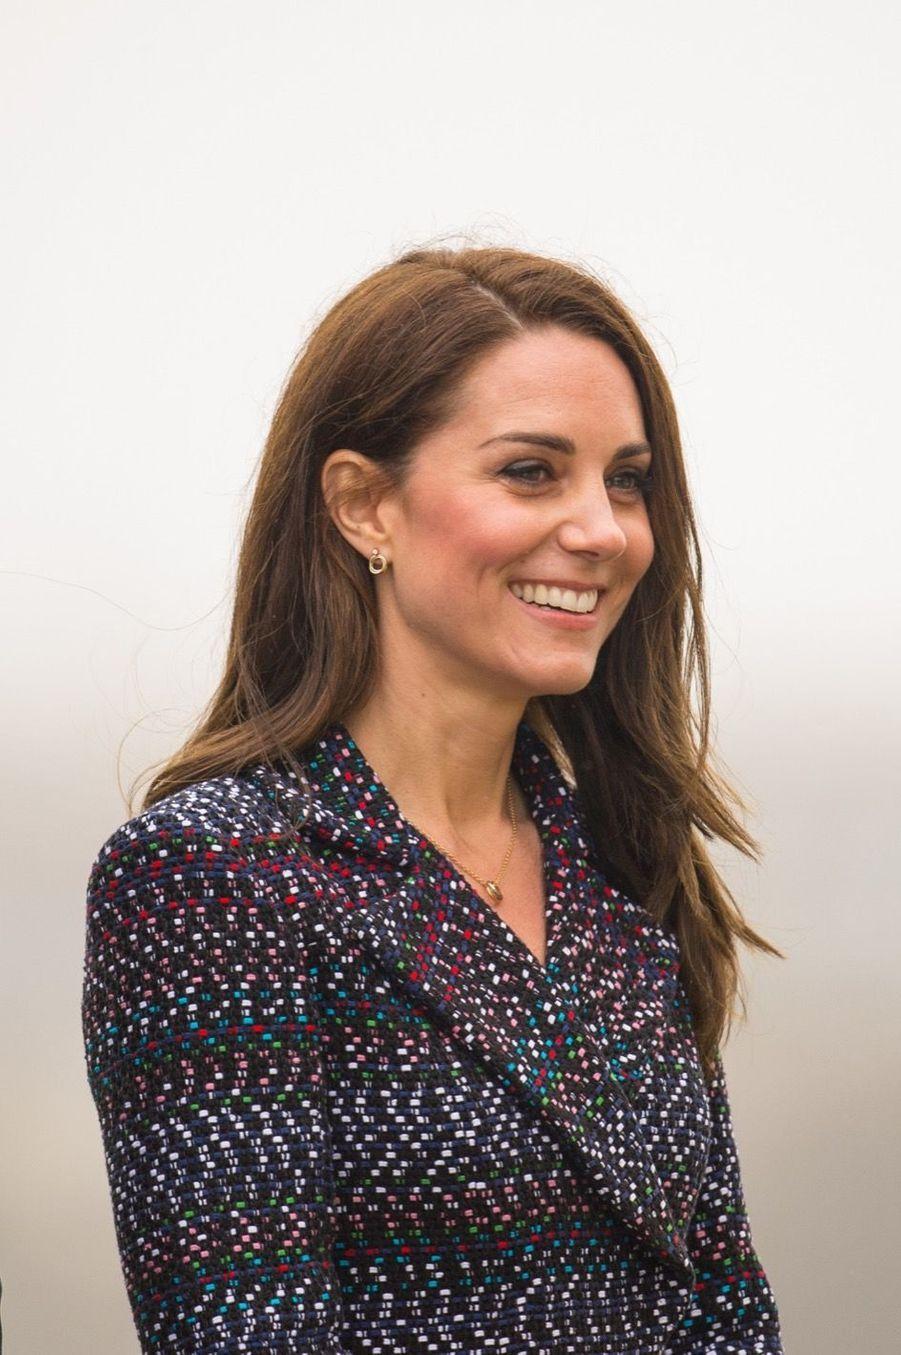 Kate Middleton Et Le Prince William Jouent Au Rugby Sur L'esplanade Du Trocadéro 35